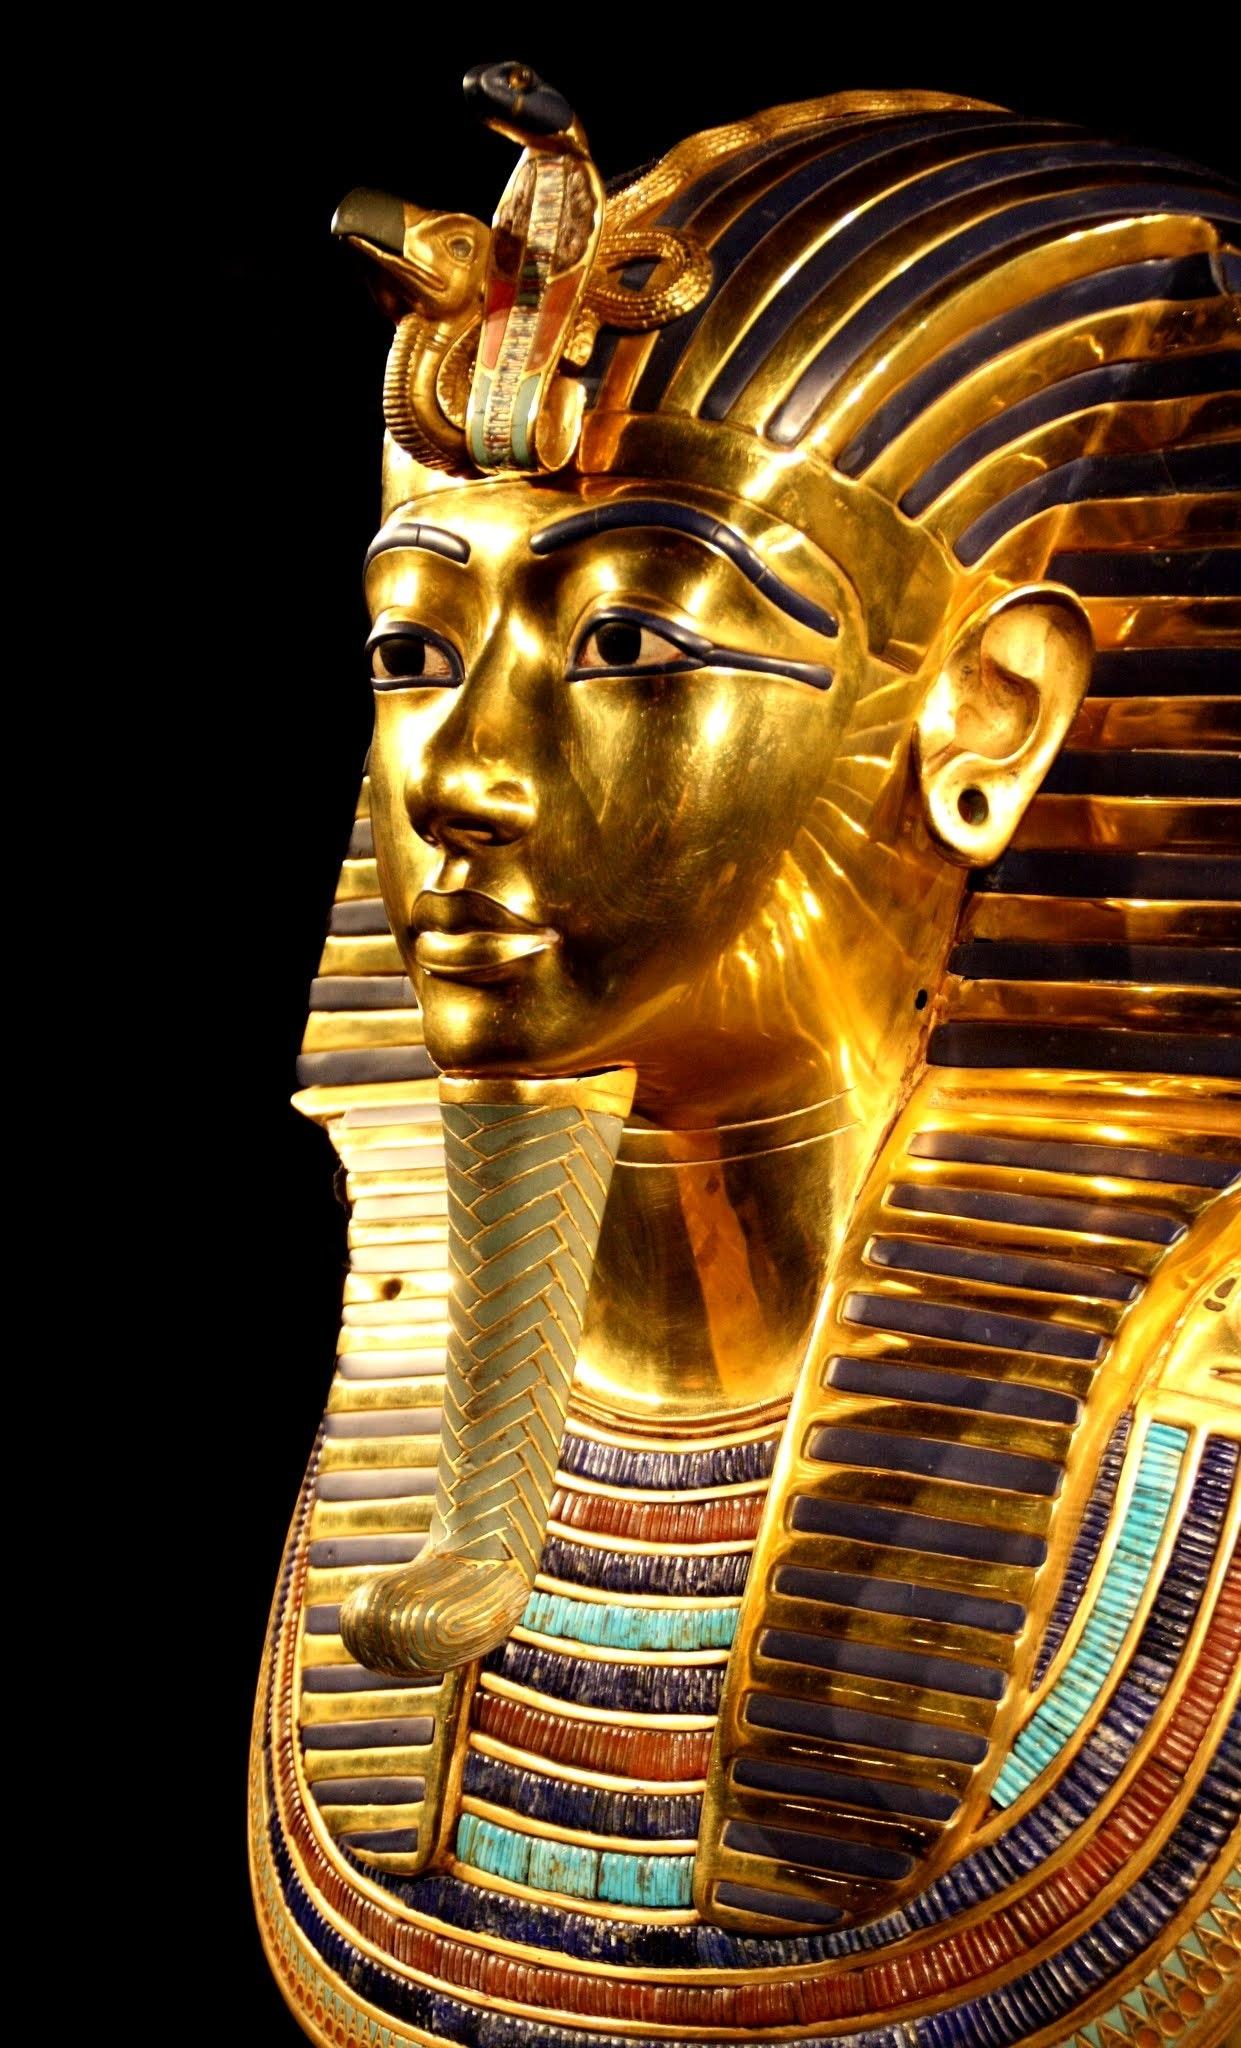 gold tutankhamun statue 183 free stock photo